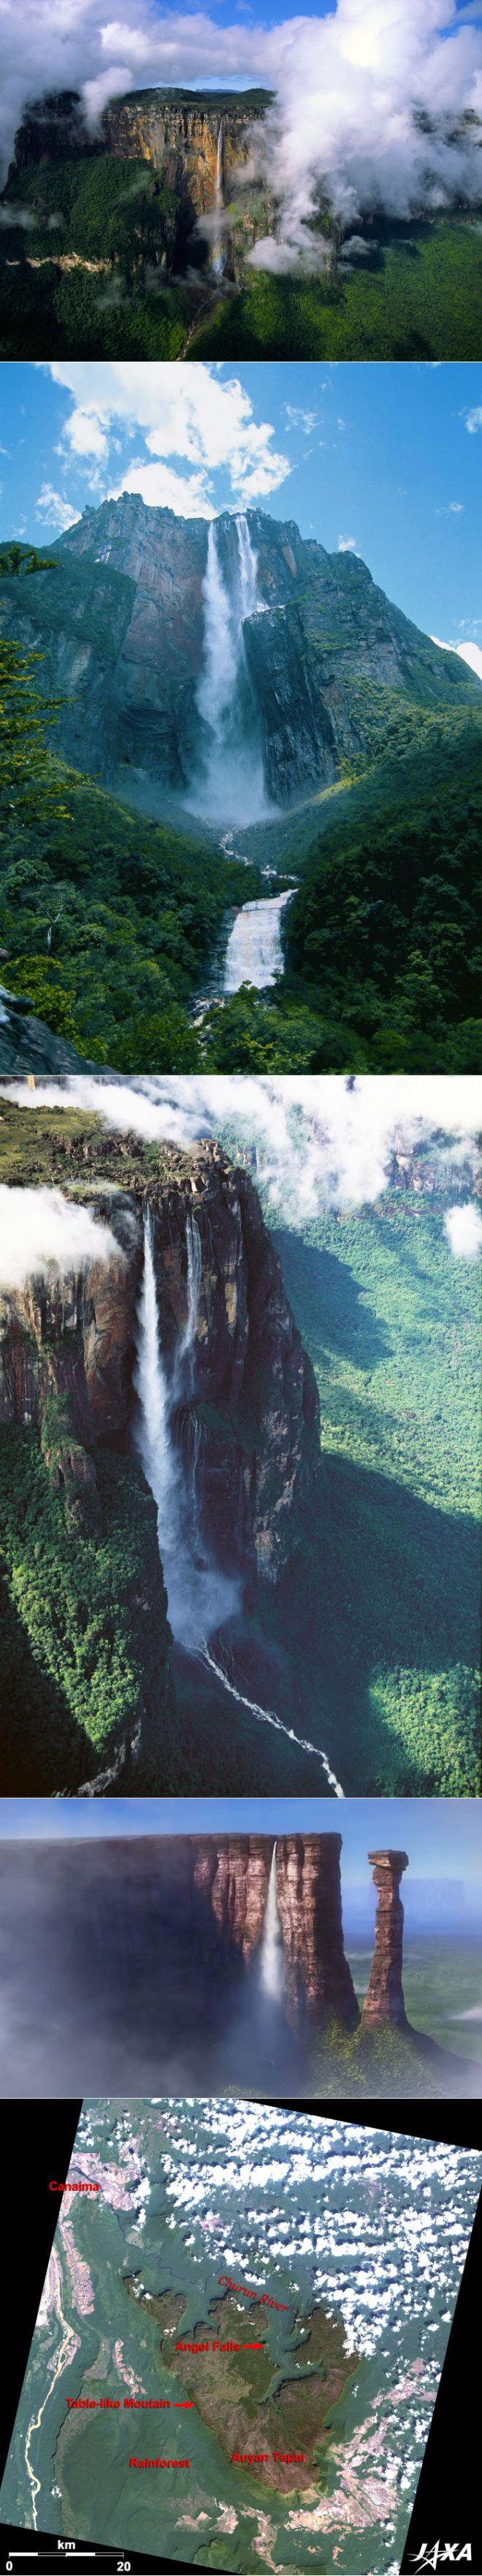 Водопад Анхель (по-английски - Энджел, местное название - Чурум-меру) находится на р. Чуруми - притоке р. Каррао (бассейн р. Ориноко) в Южной Америке, в Венесуэле.